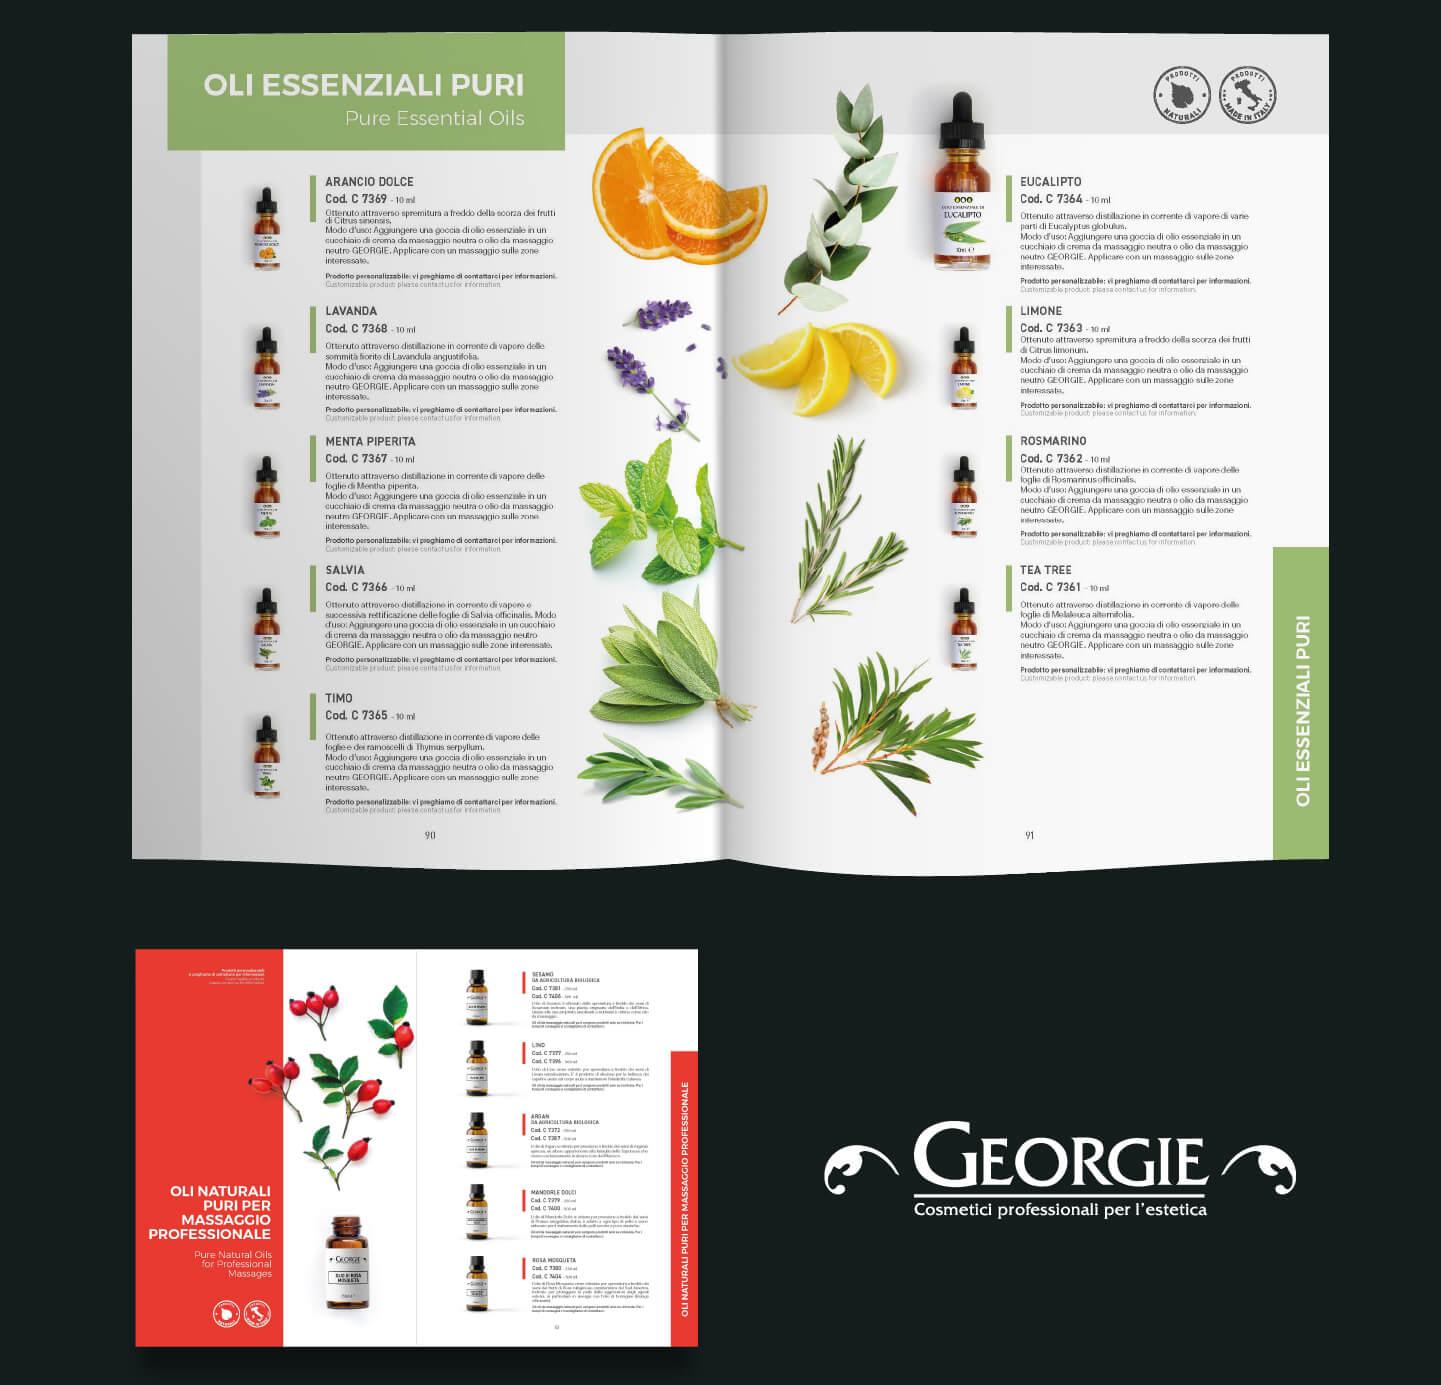 Catalogo Prodotti - Portfolio - Be Comunicazioni - Pubblicità e Marketing - GR Service - slide 03